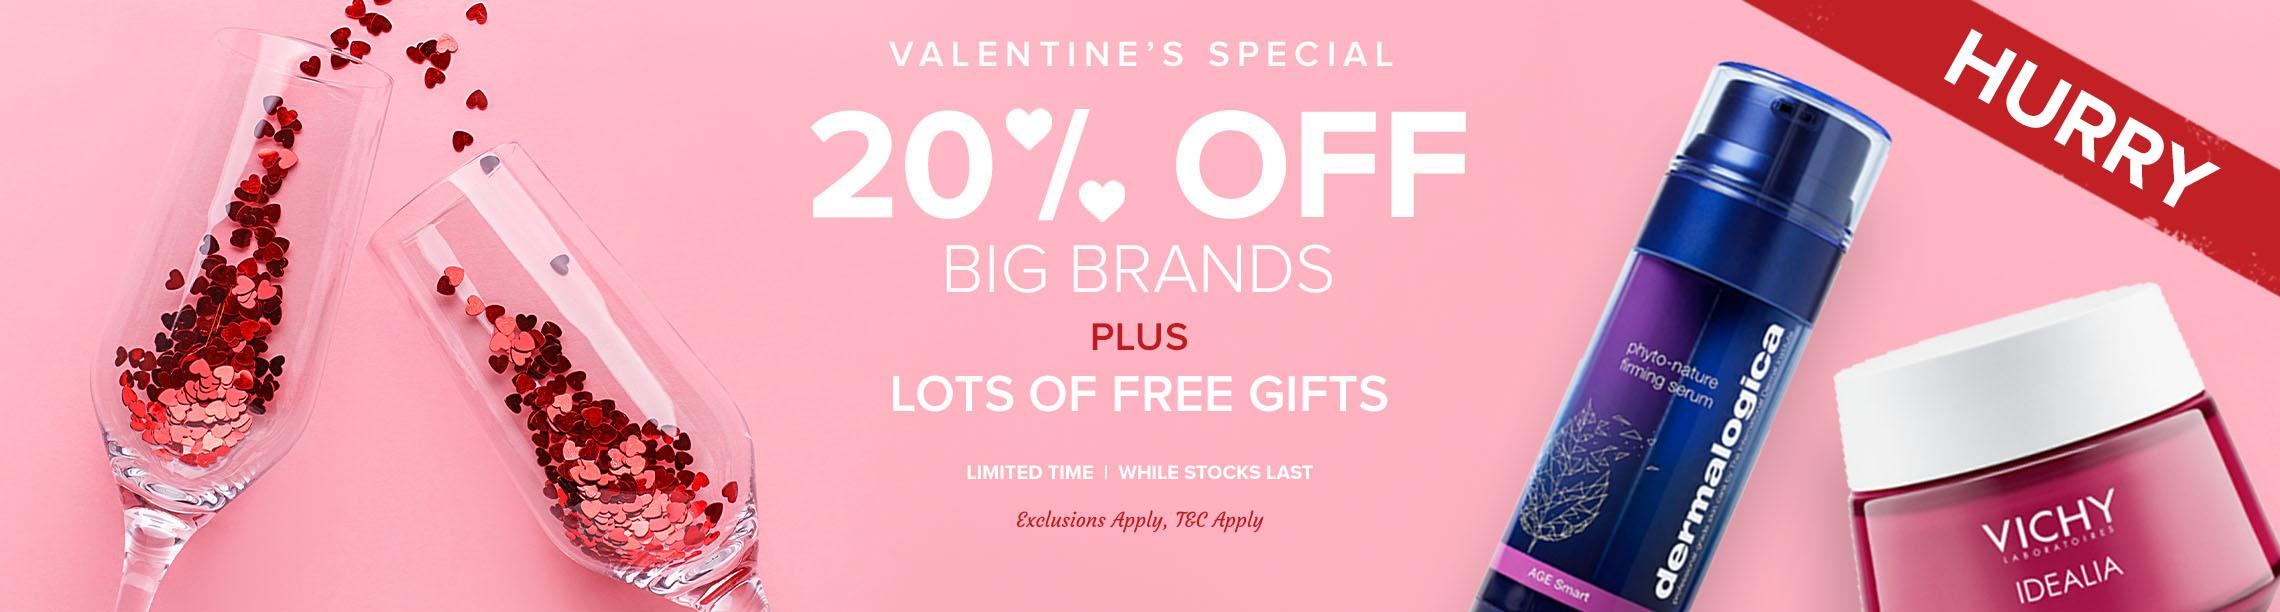 20% Off Big Brands